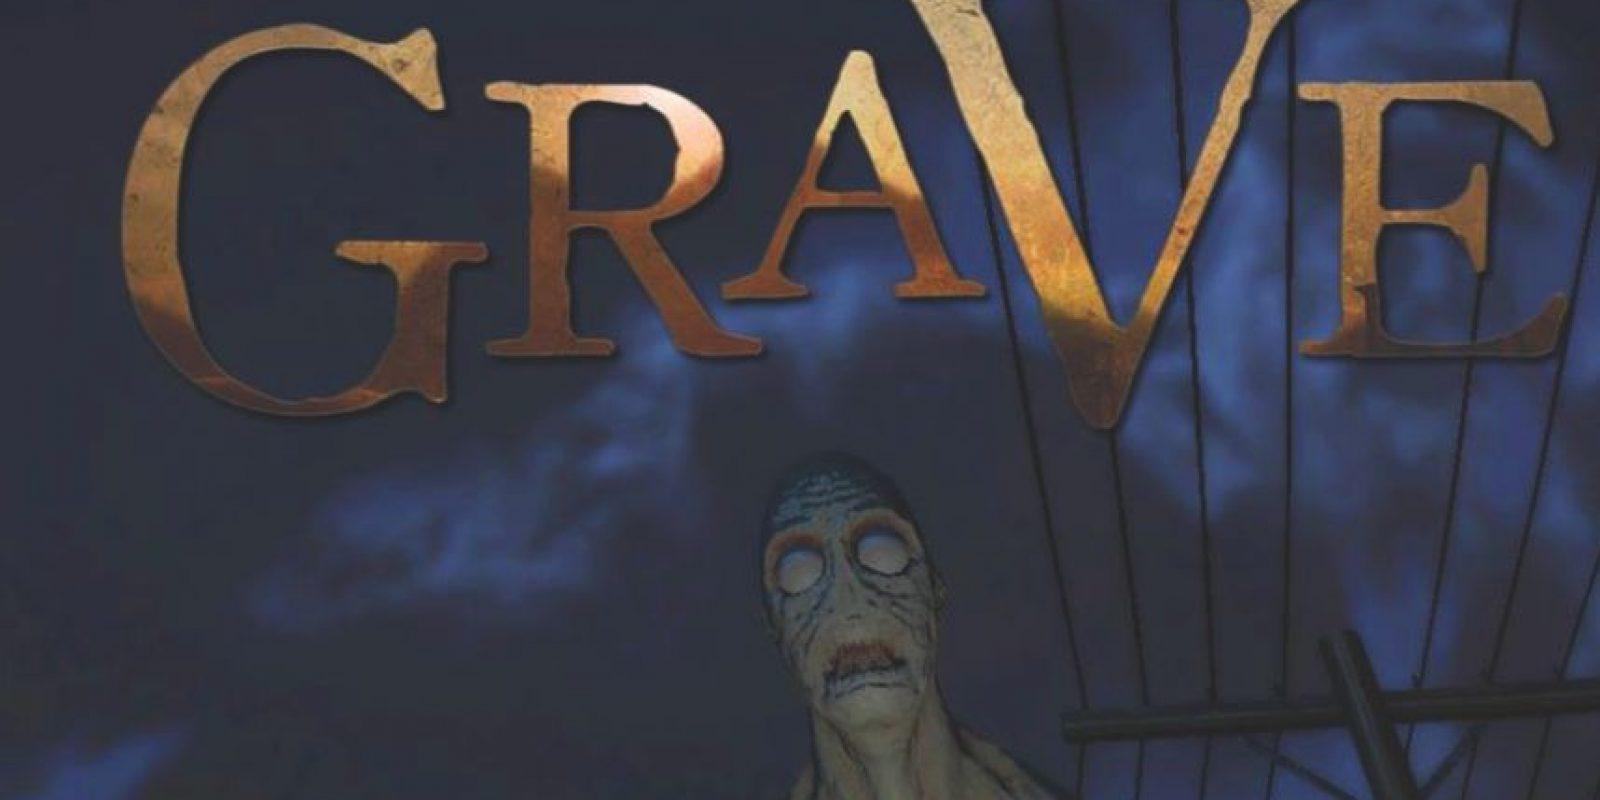 """""""Grave"""" no son siempre lo que parecen, por lo que el jugador tiene que pensar bien en cómo utilizar las herramientas. Foto: Broken Window Studio LLC"""